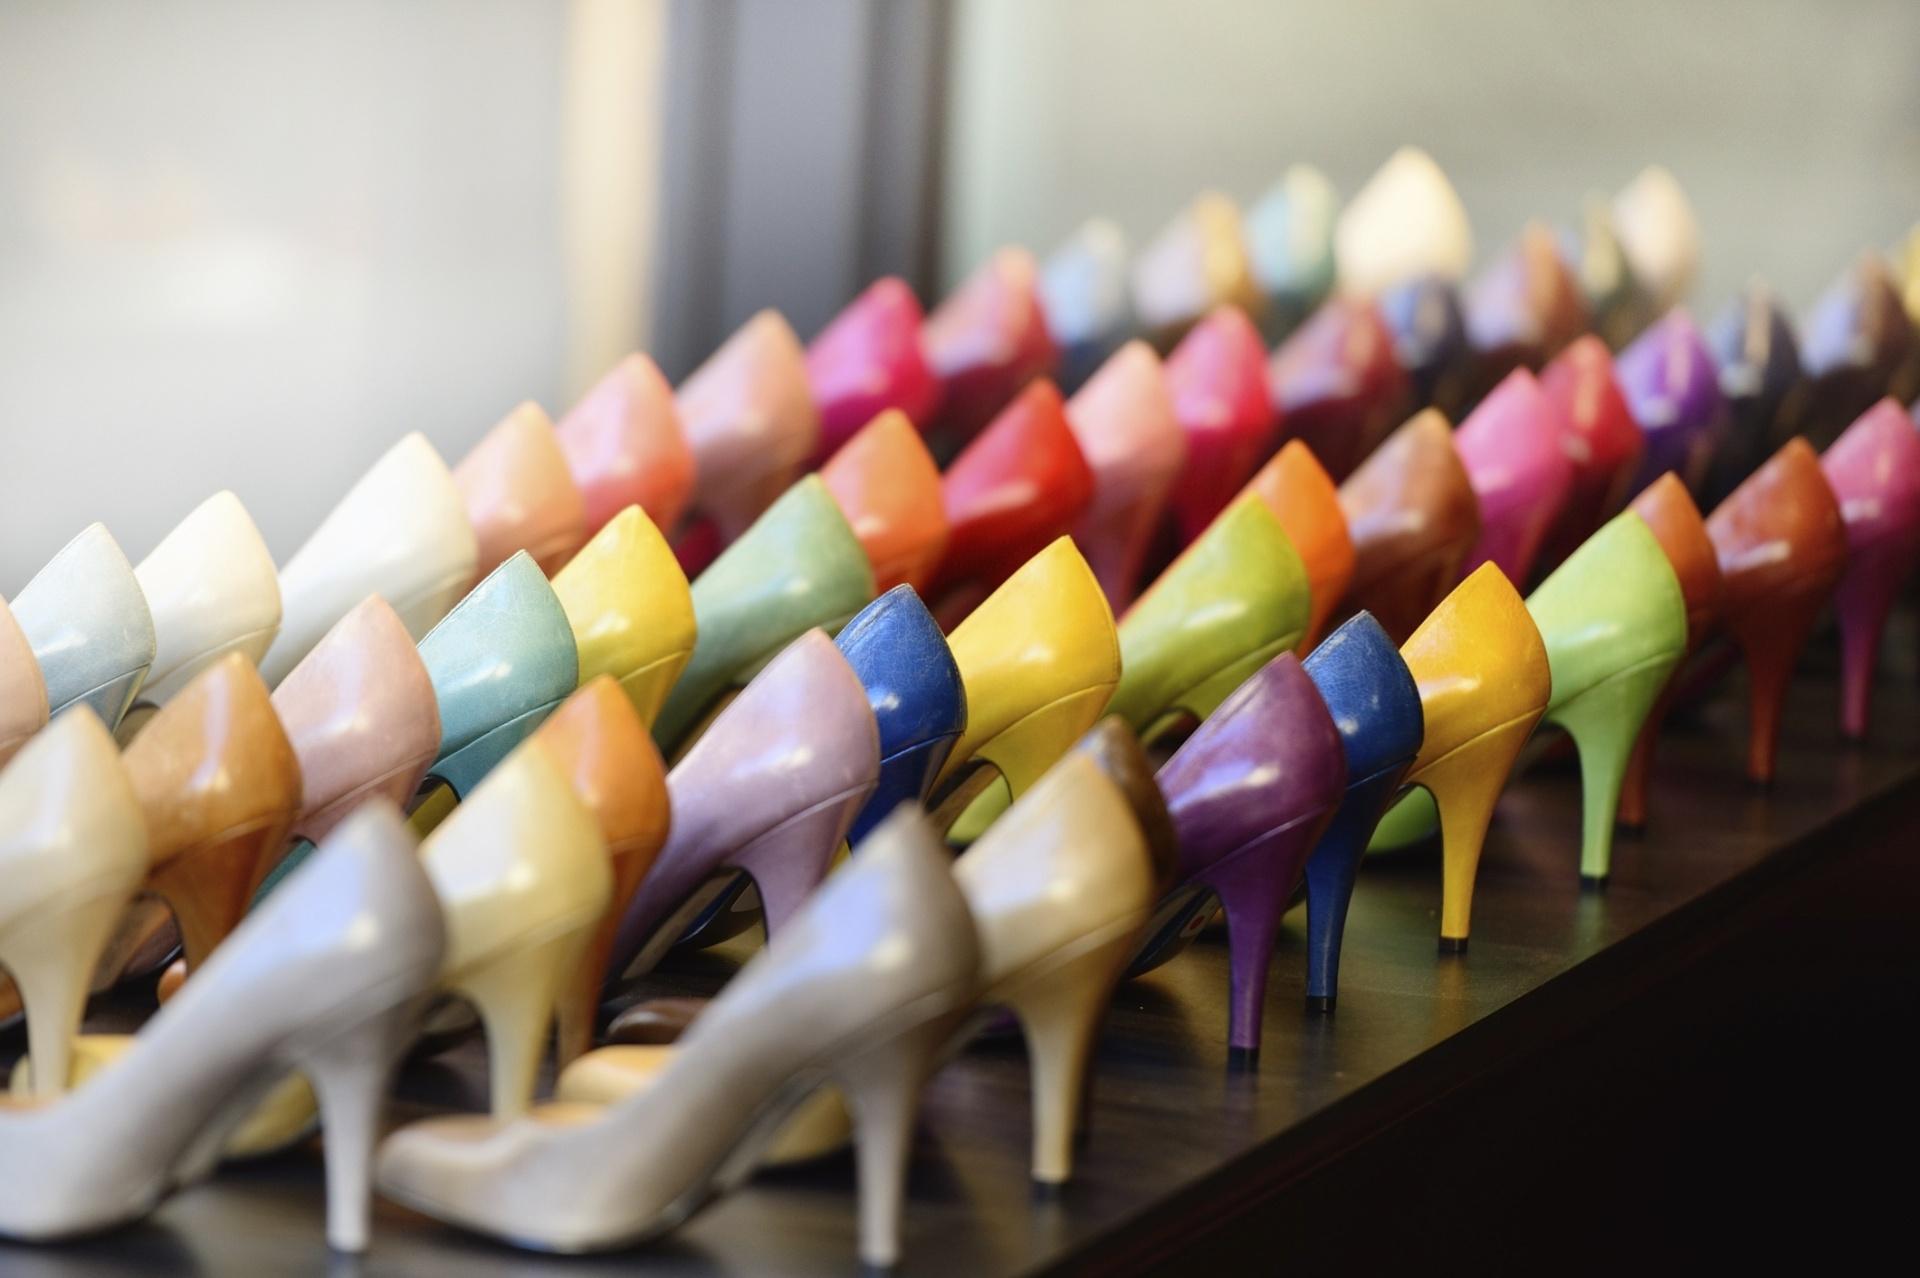 179258b13a Especialistas desvendam 20 mitos e verdades na hora de comprar calçados -  27 12 2014 - UOL Universa